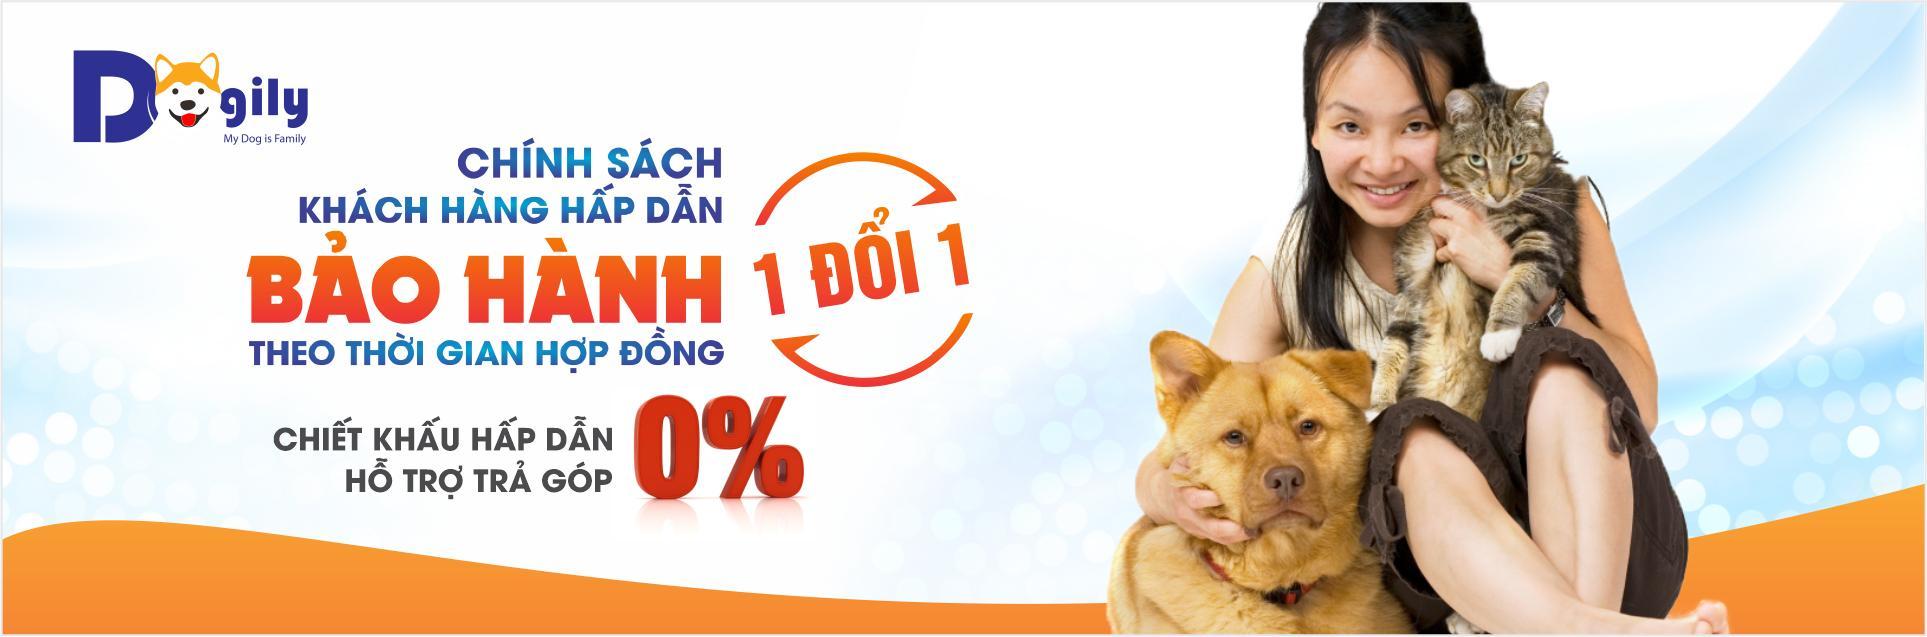 Tại Dogily Petshop, chúng tôi bảo hành sức khỏe 1 đổi 1 trong thời gian hợp đồng và hỗ trợ trả góp lãi suất 0 %, cùng chiết khấu giảm giá và nhiều chương trình khuyến mại hấp dẫn khi mua bán chó cảnh tại hệ thống các cửa hàng ở Tphcm và Hà nội.